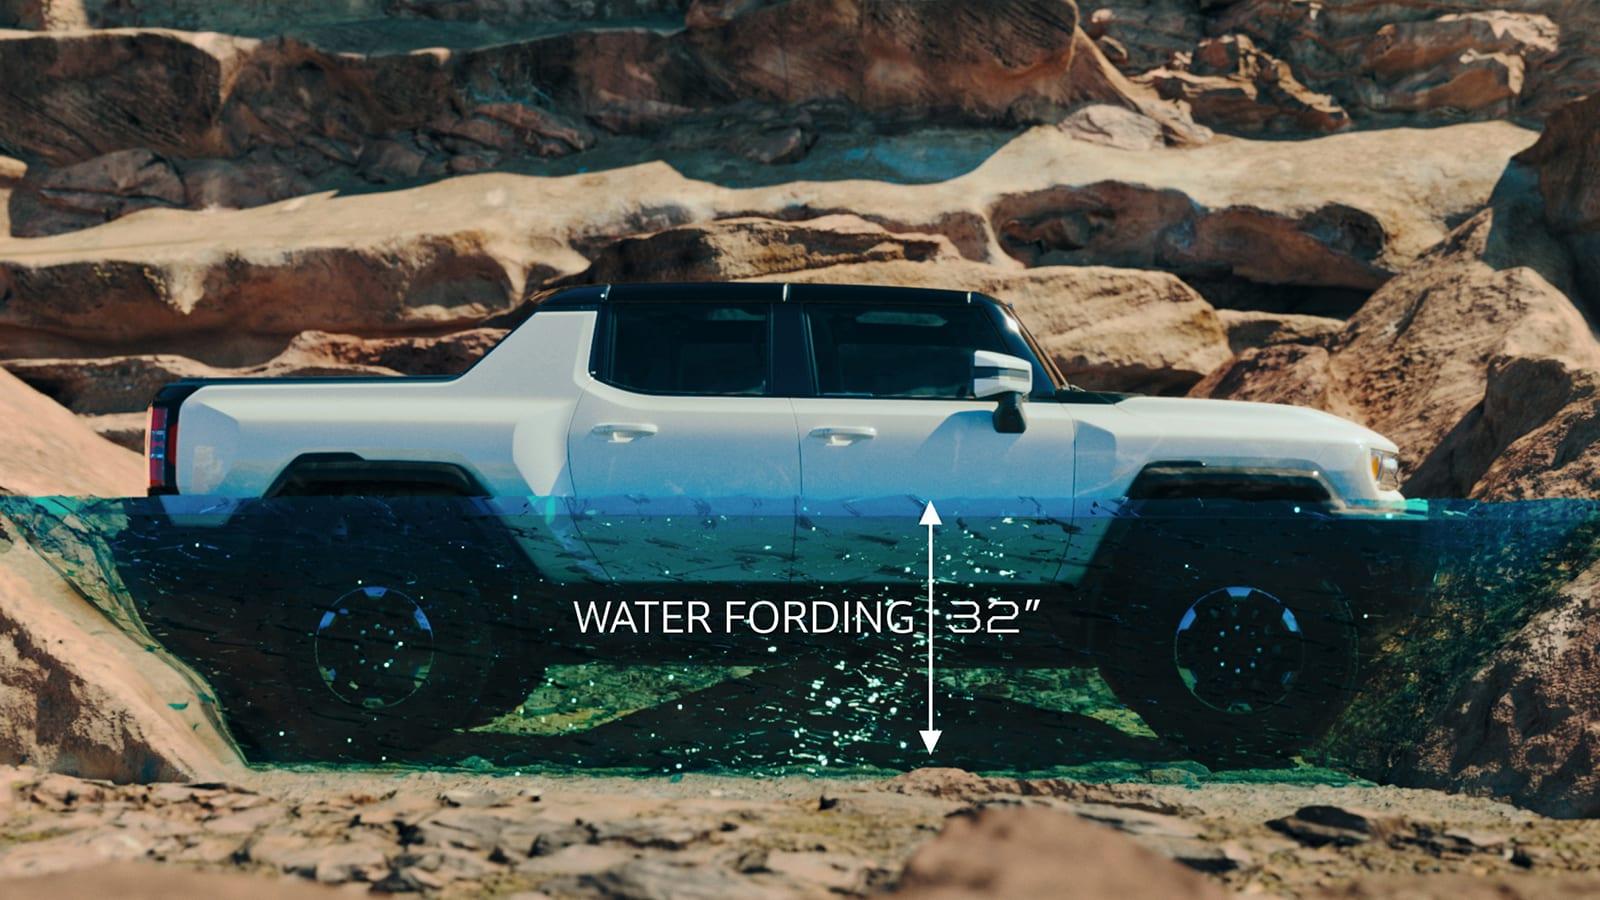 2022 GMC Hummer EV fording depth